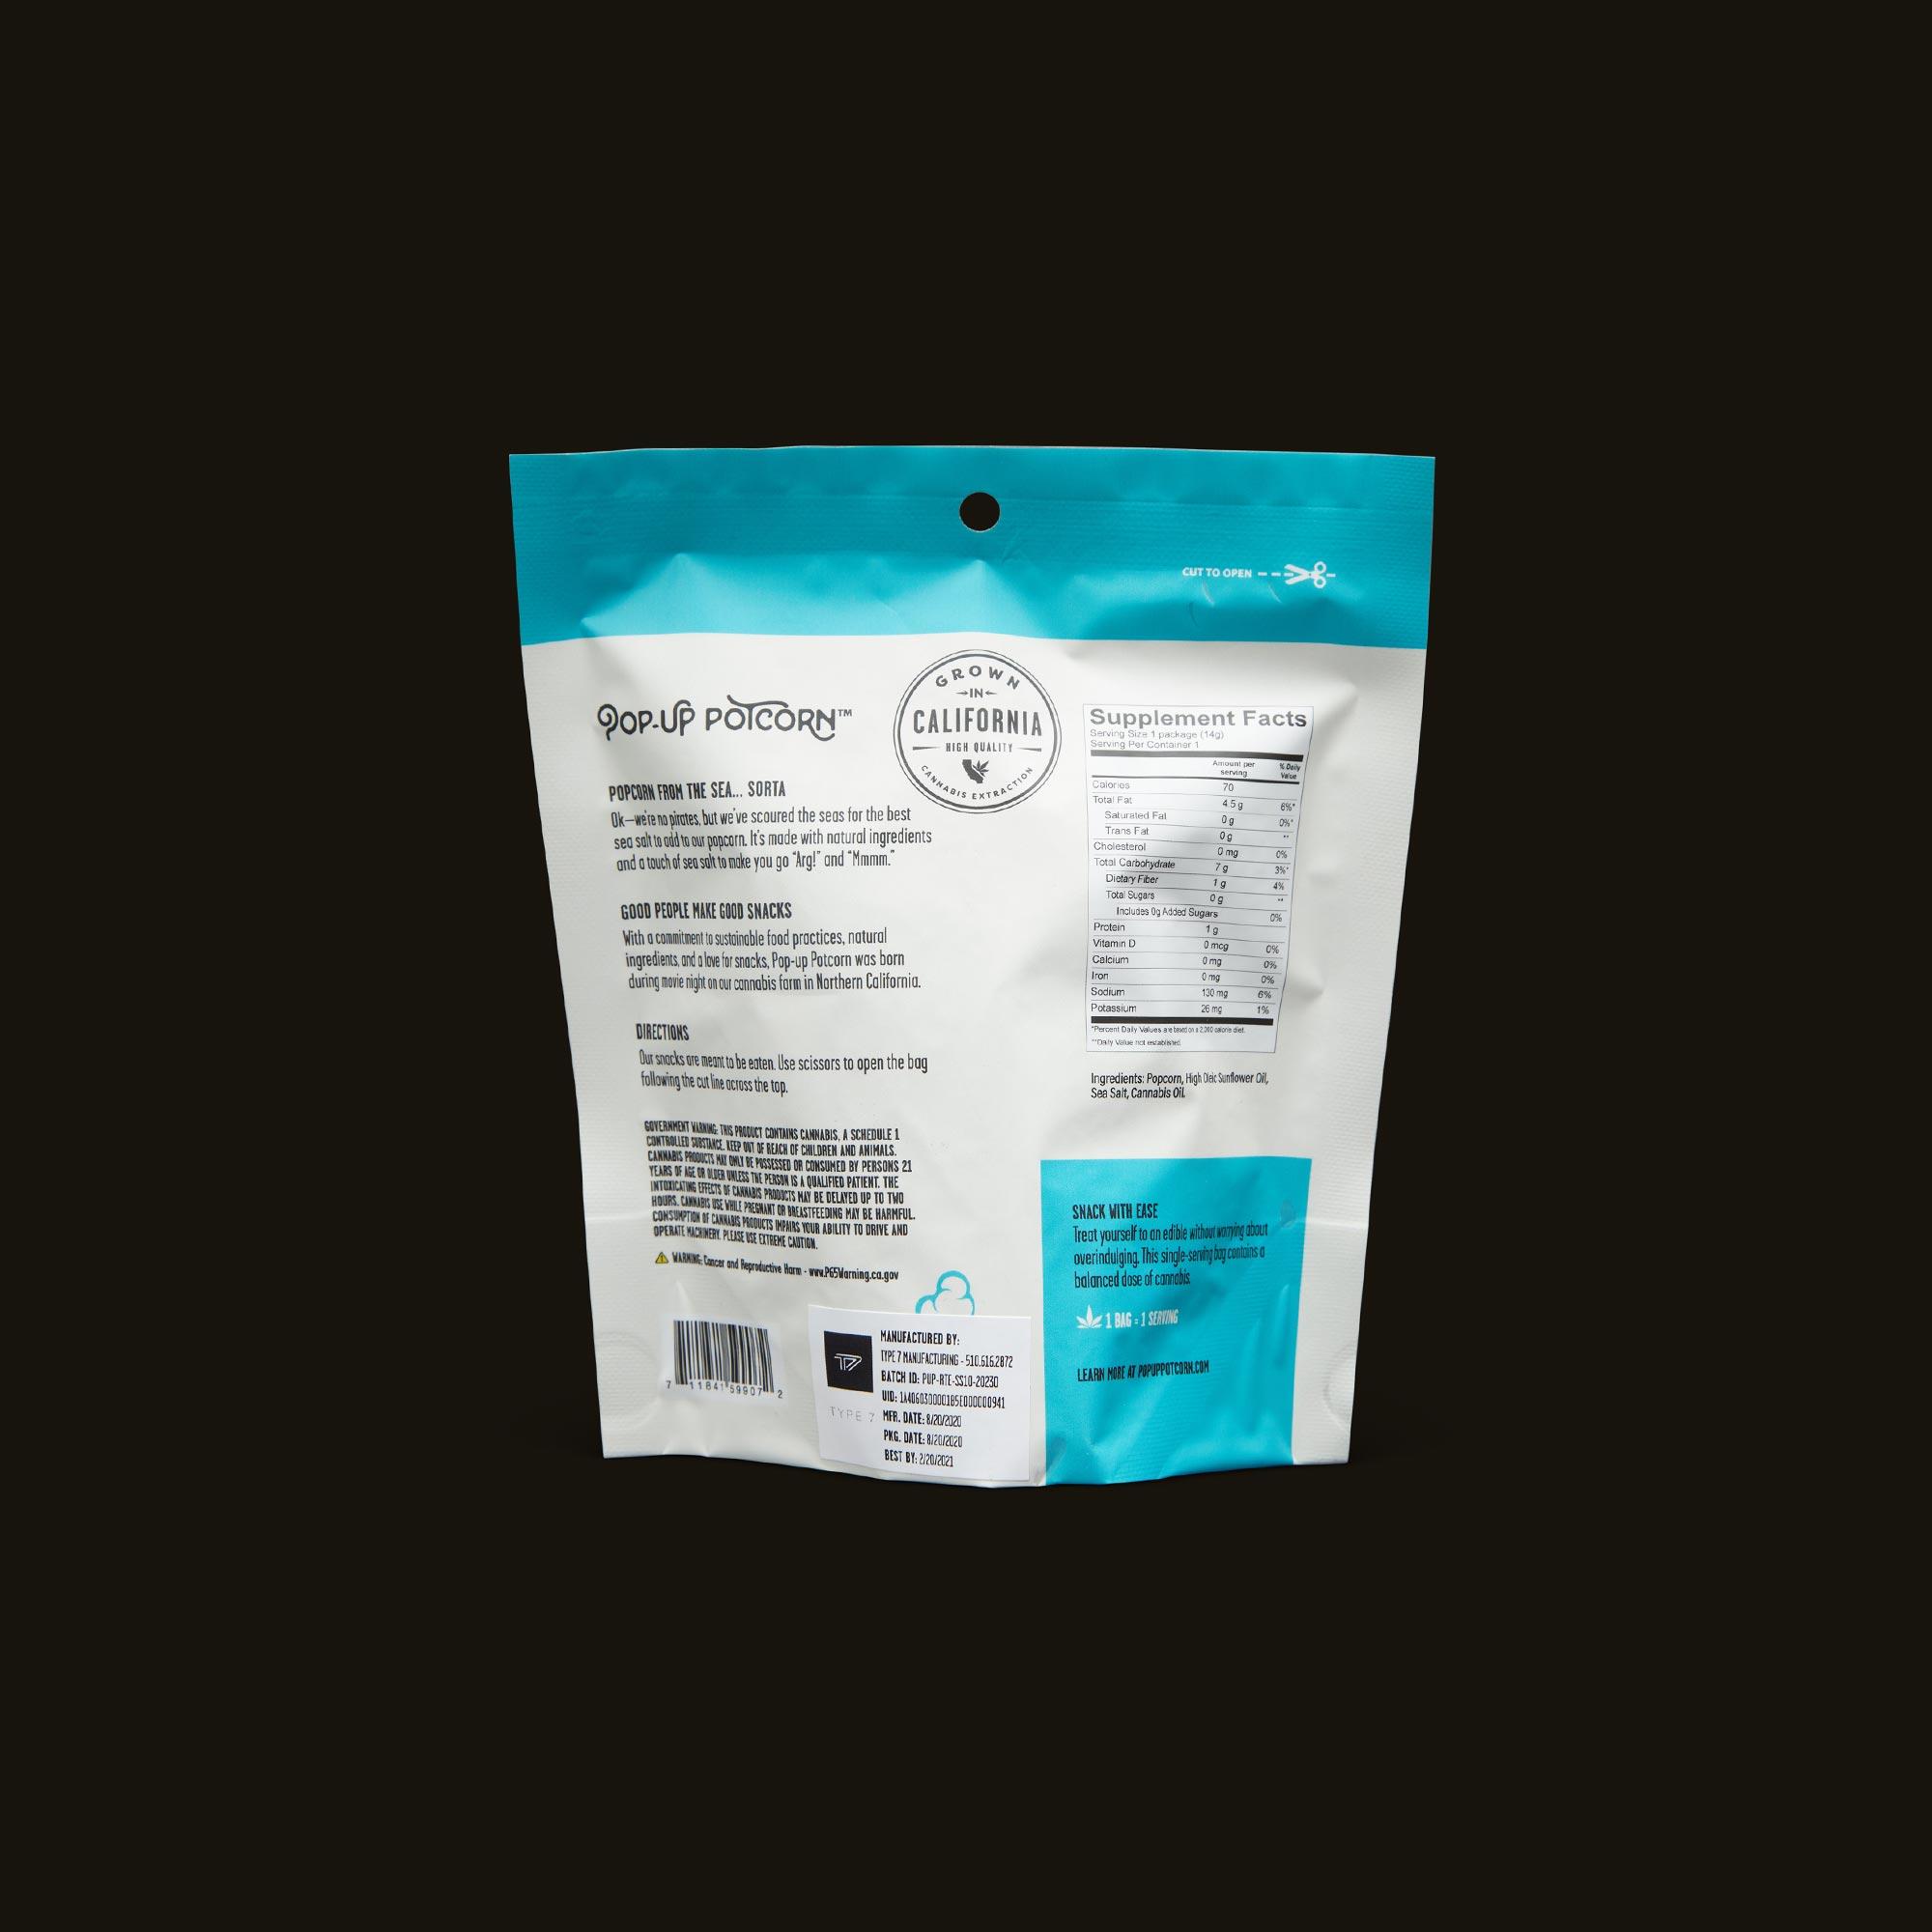 Pop-Up Potcorn Sea Salt Popcorn 1:1 - Single Nutrition Facts